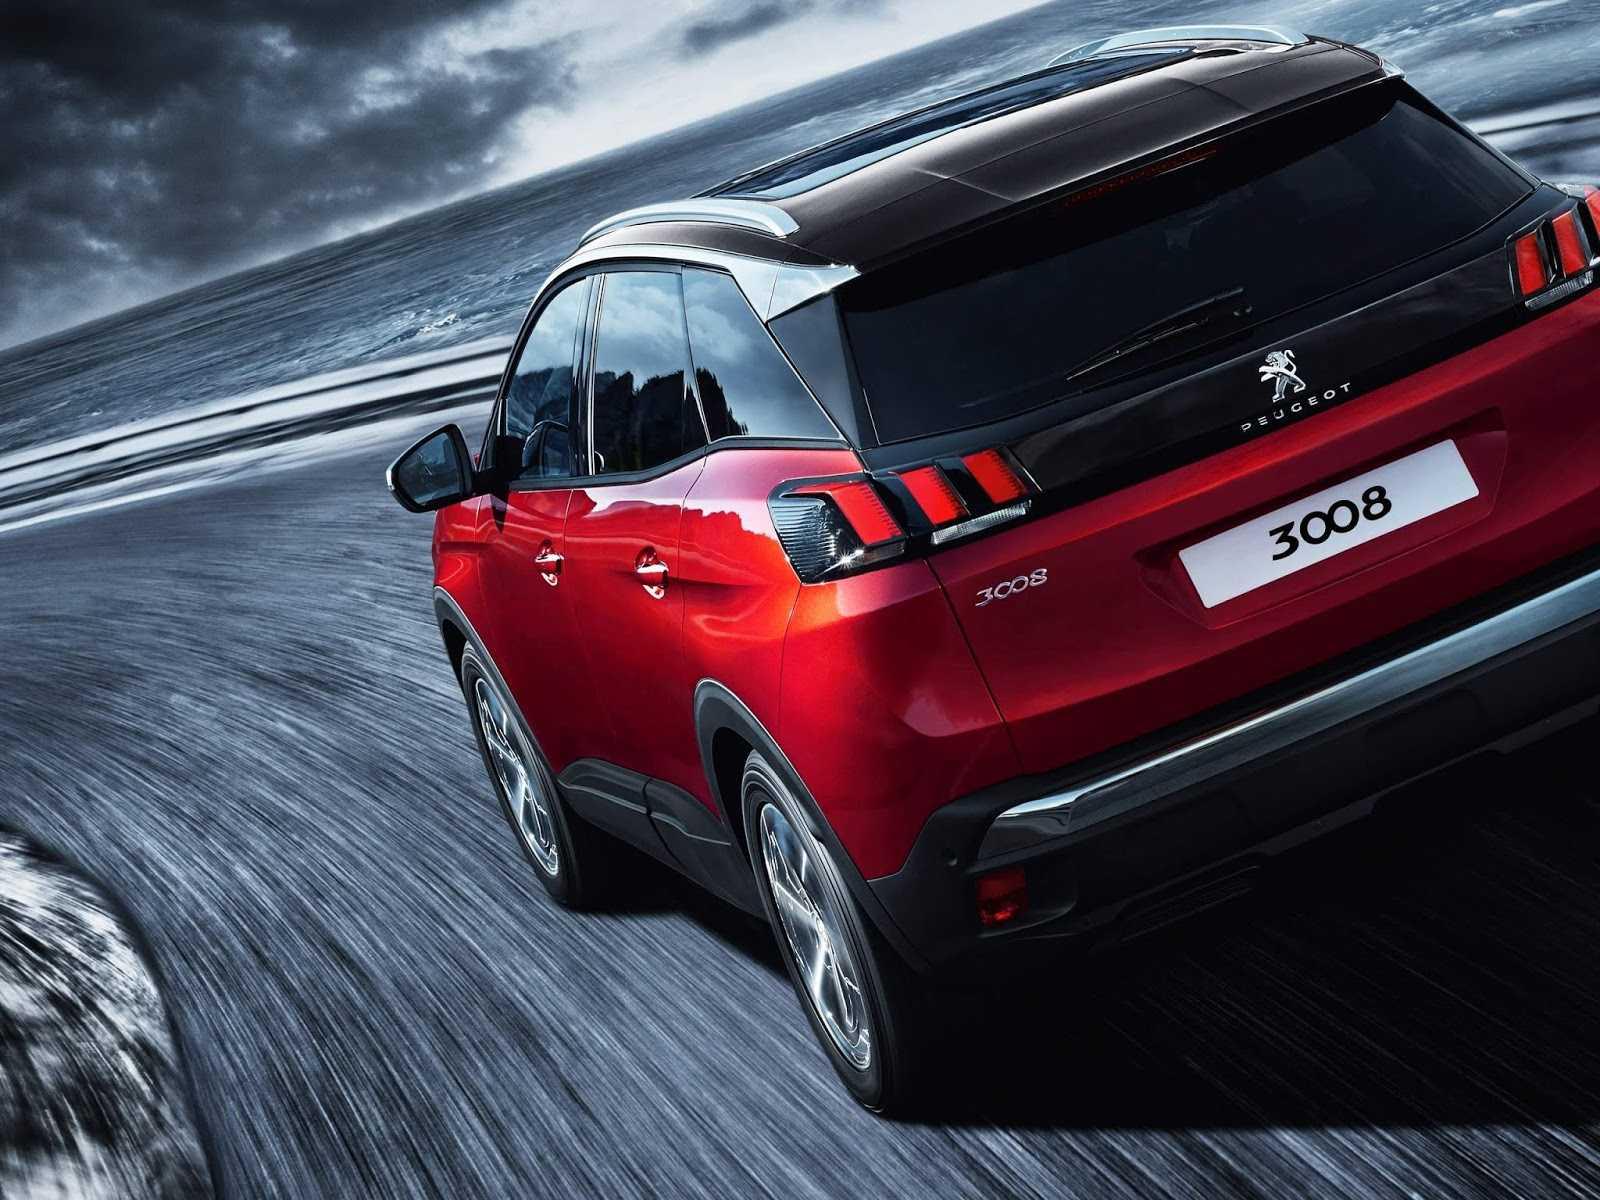 Peugeot 5008 2020 года — практичный 7-местный кроссовер с удобным салоном и набором необходимого оборудования